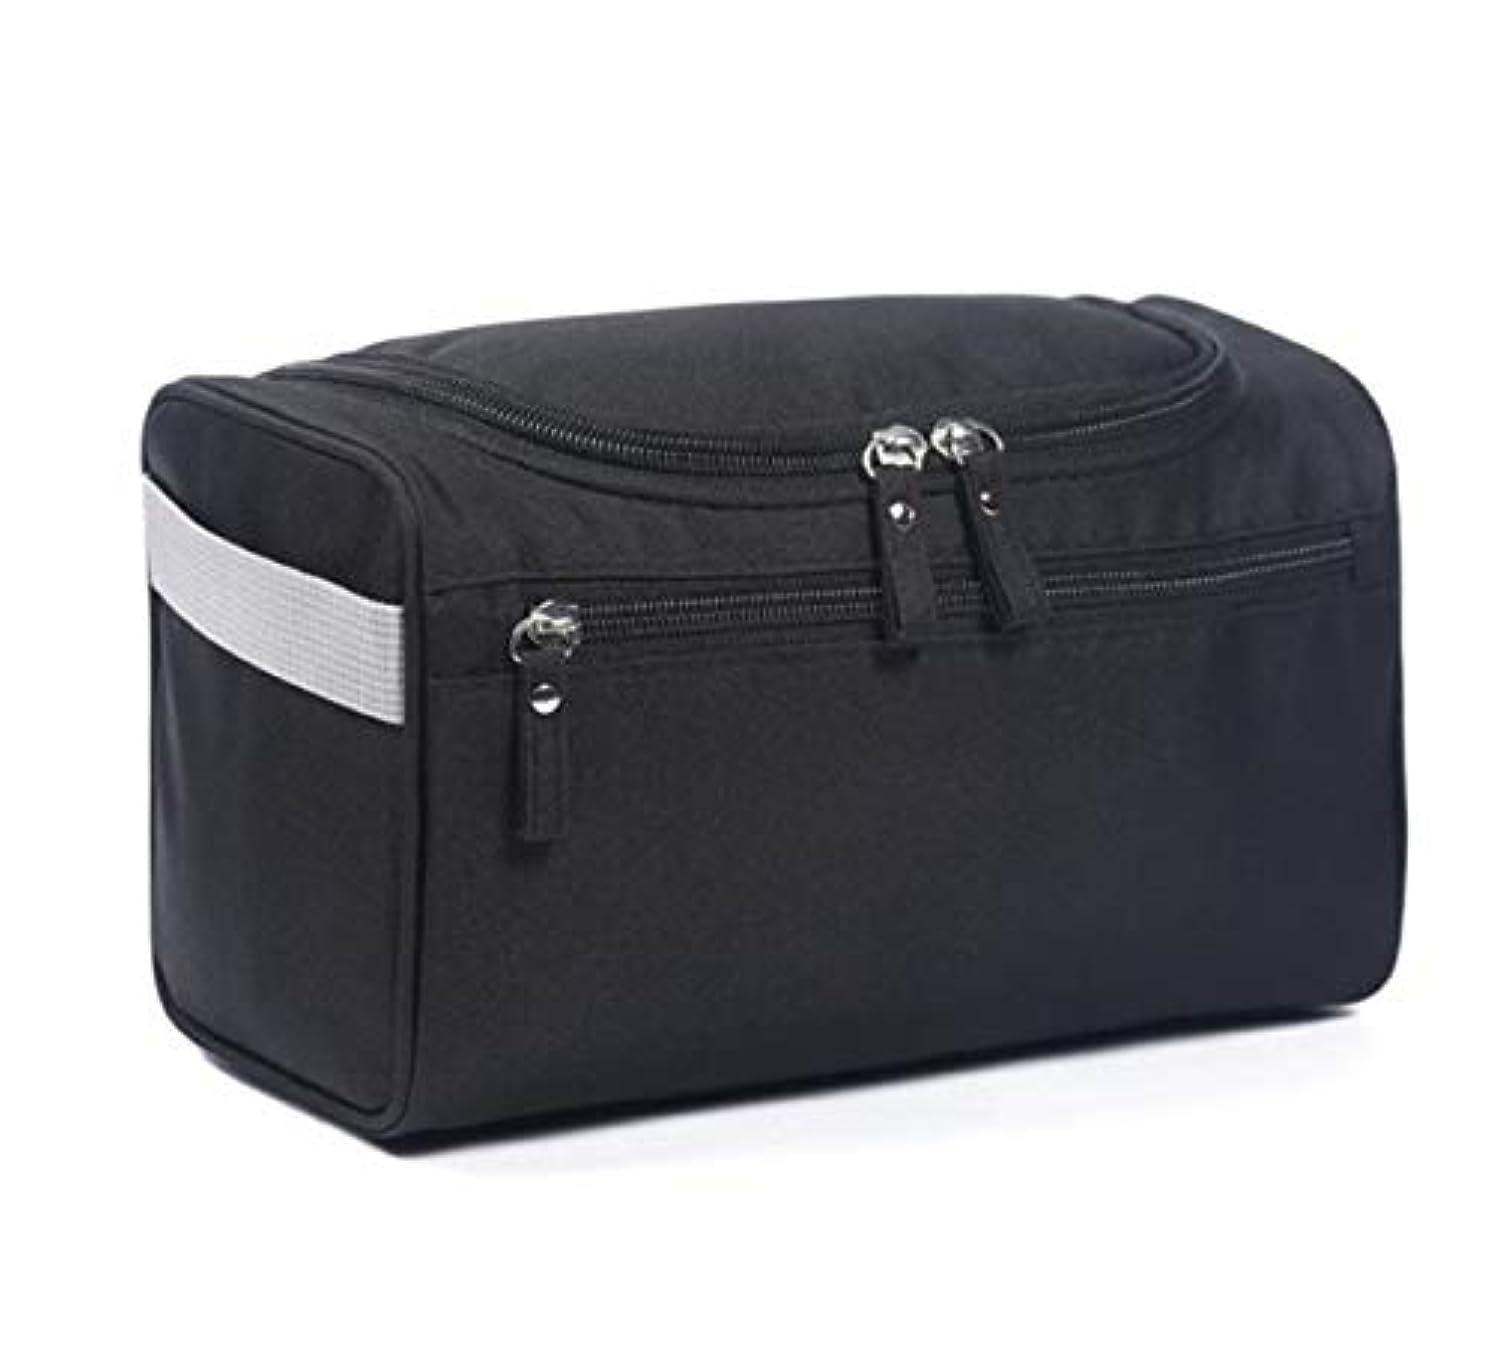 準備したルビーピアースBALLEEY メンズビジネストラベルウォッシュバッグ防水トラベルウォッシュバッグ収納バッグ引き出しタイプフリーアップスペース商品ディスプレイ 大容量 (色 : 黒)